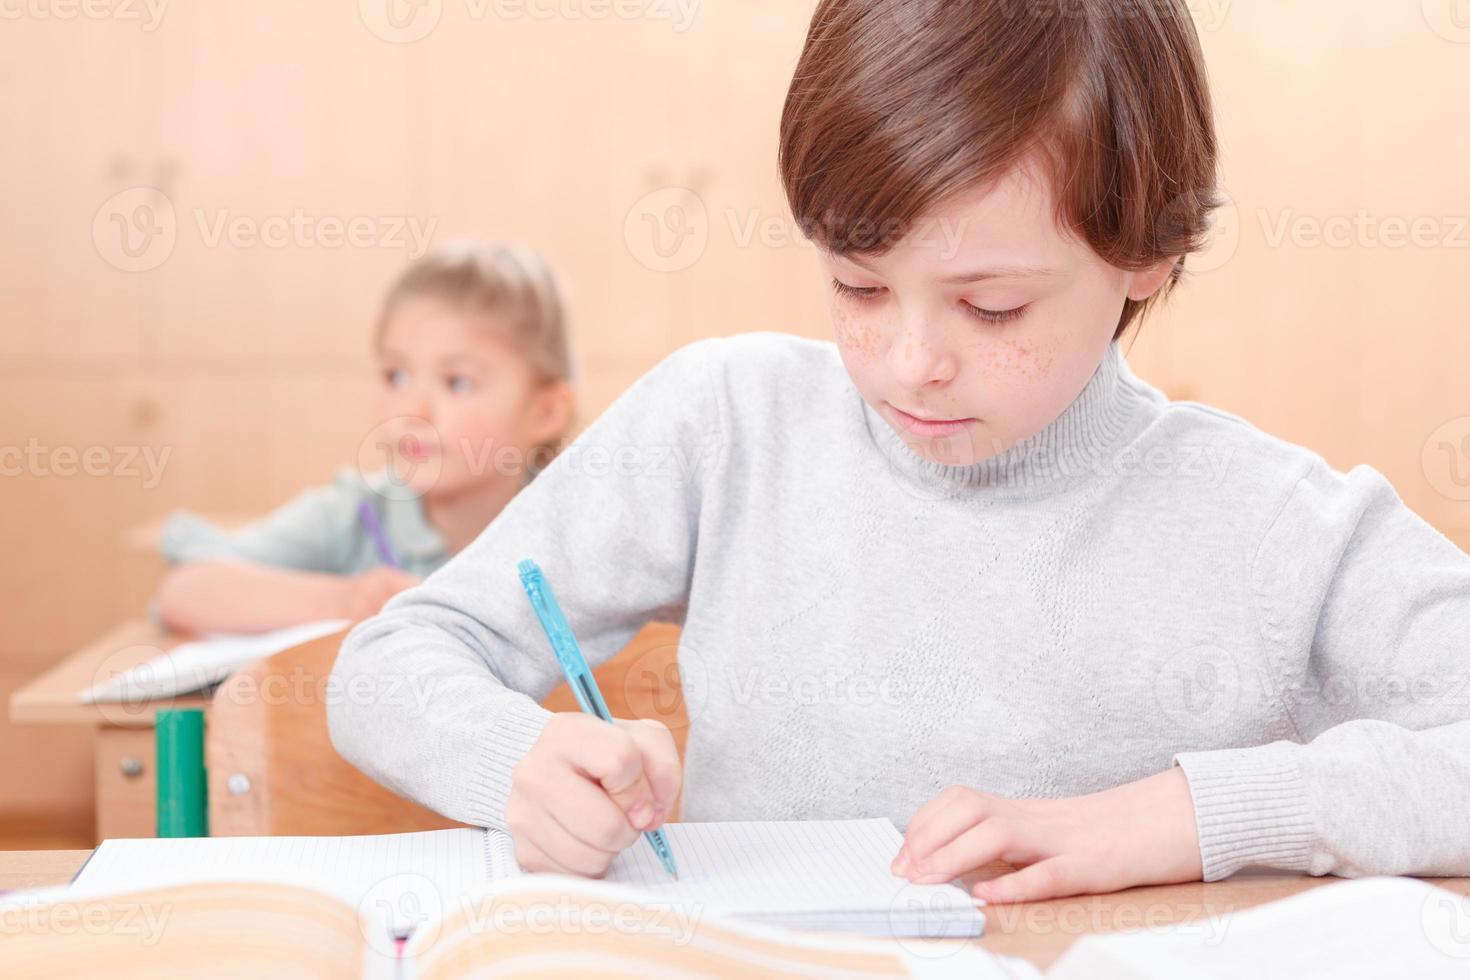 Schreiben eines kleinen Jungen während des Unterrichts foto